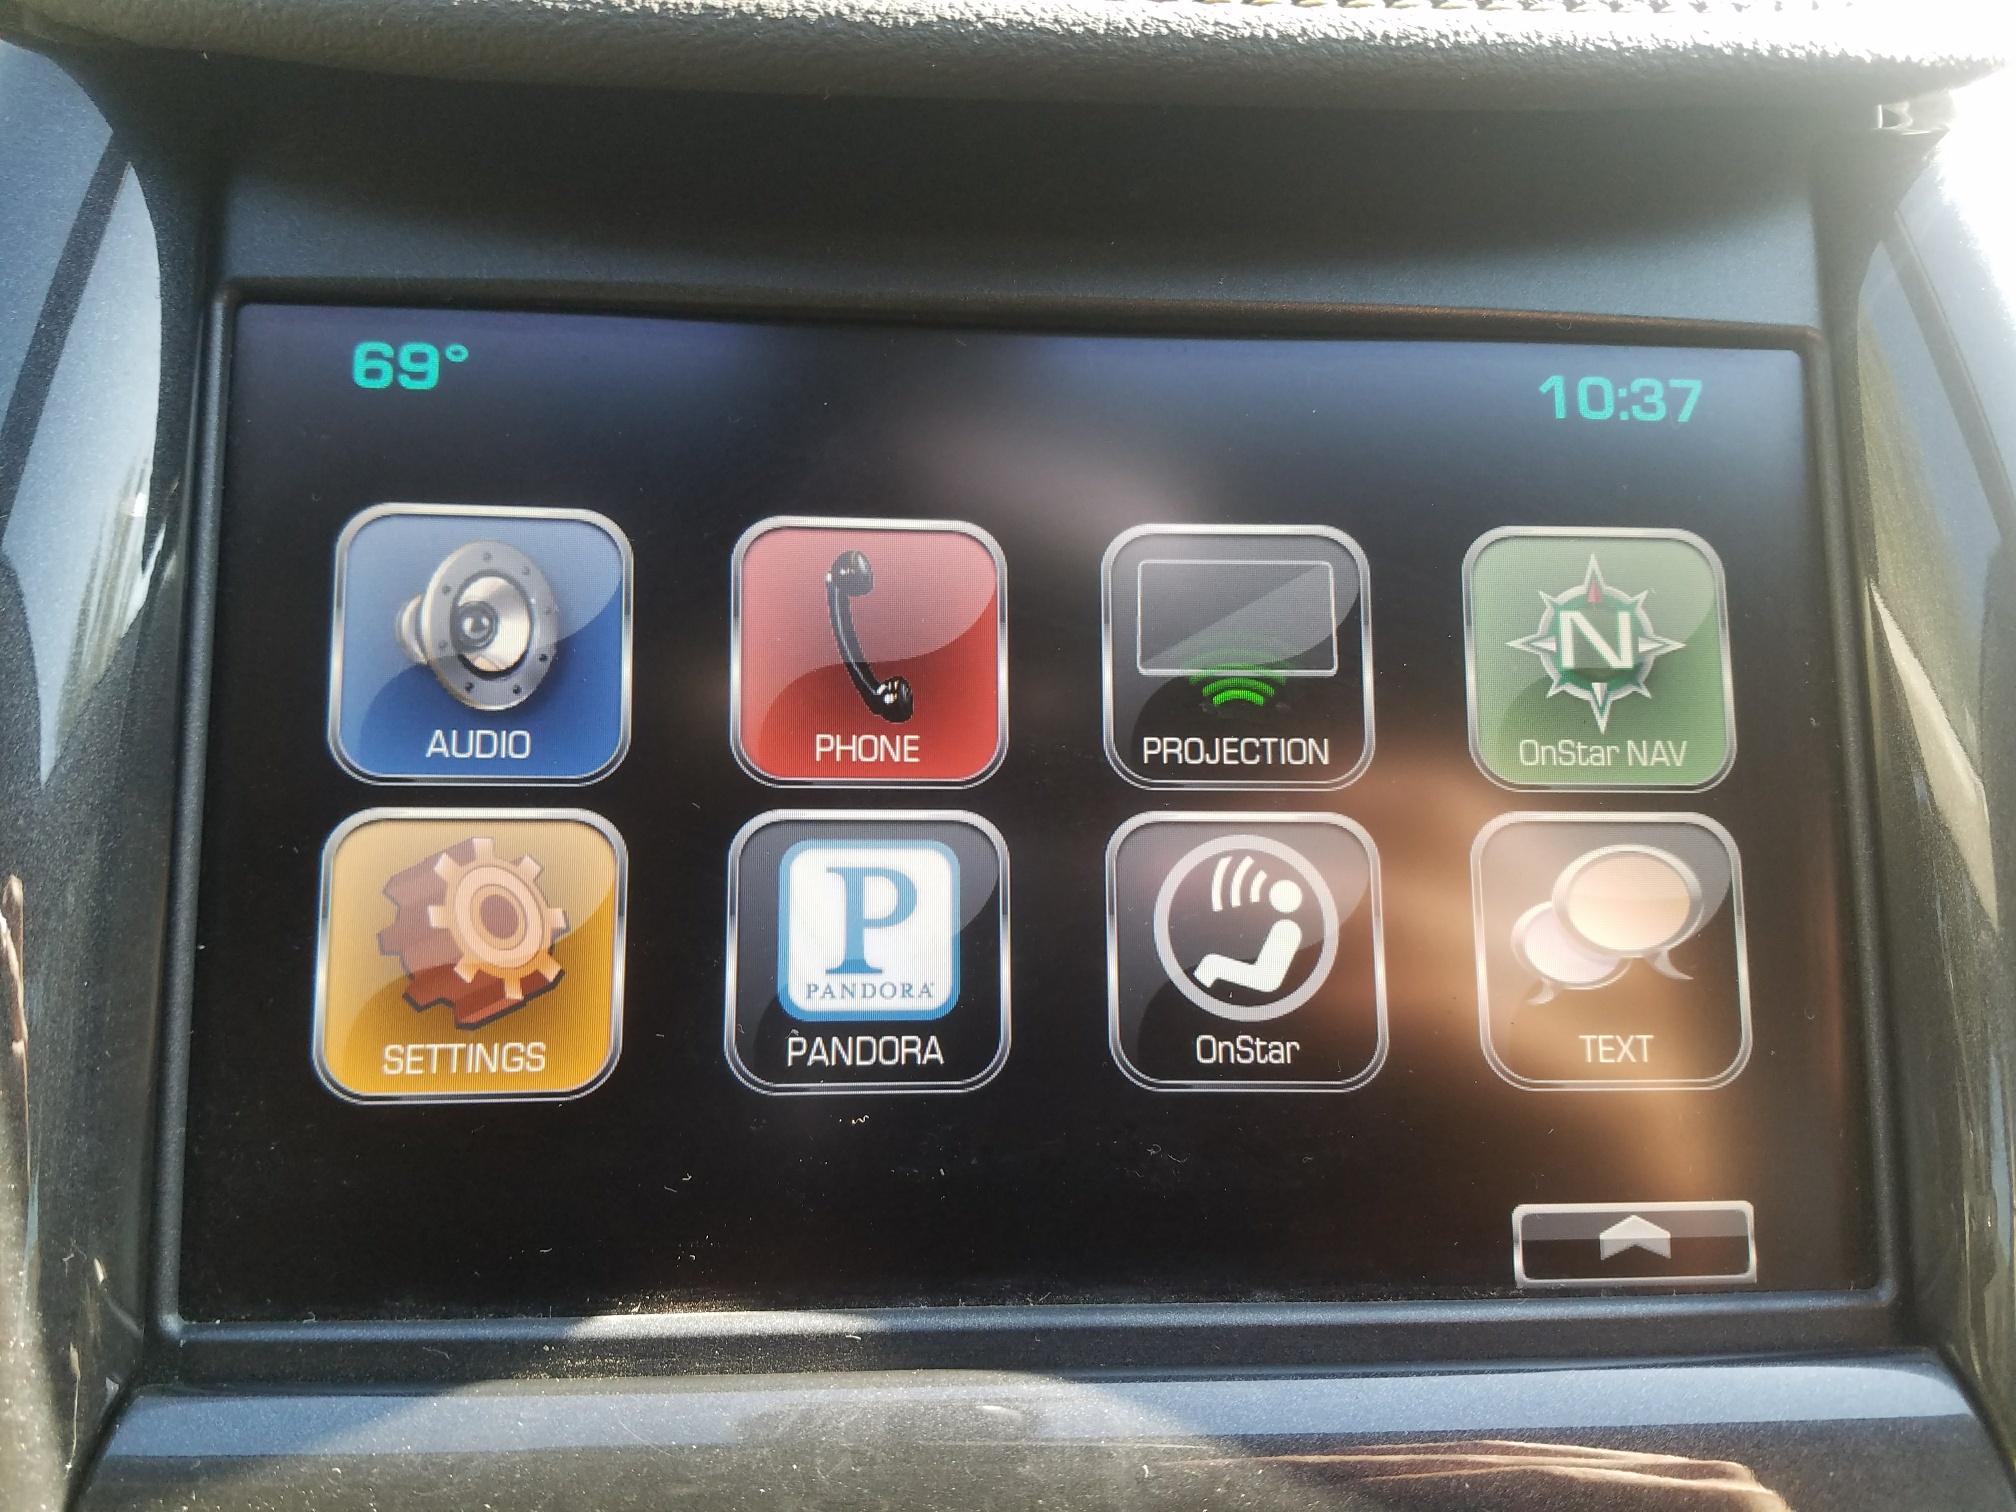 Chevrolet_impala_2016_LT_V6 (16)